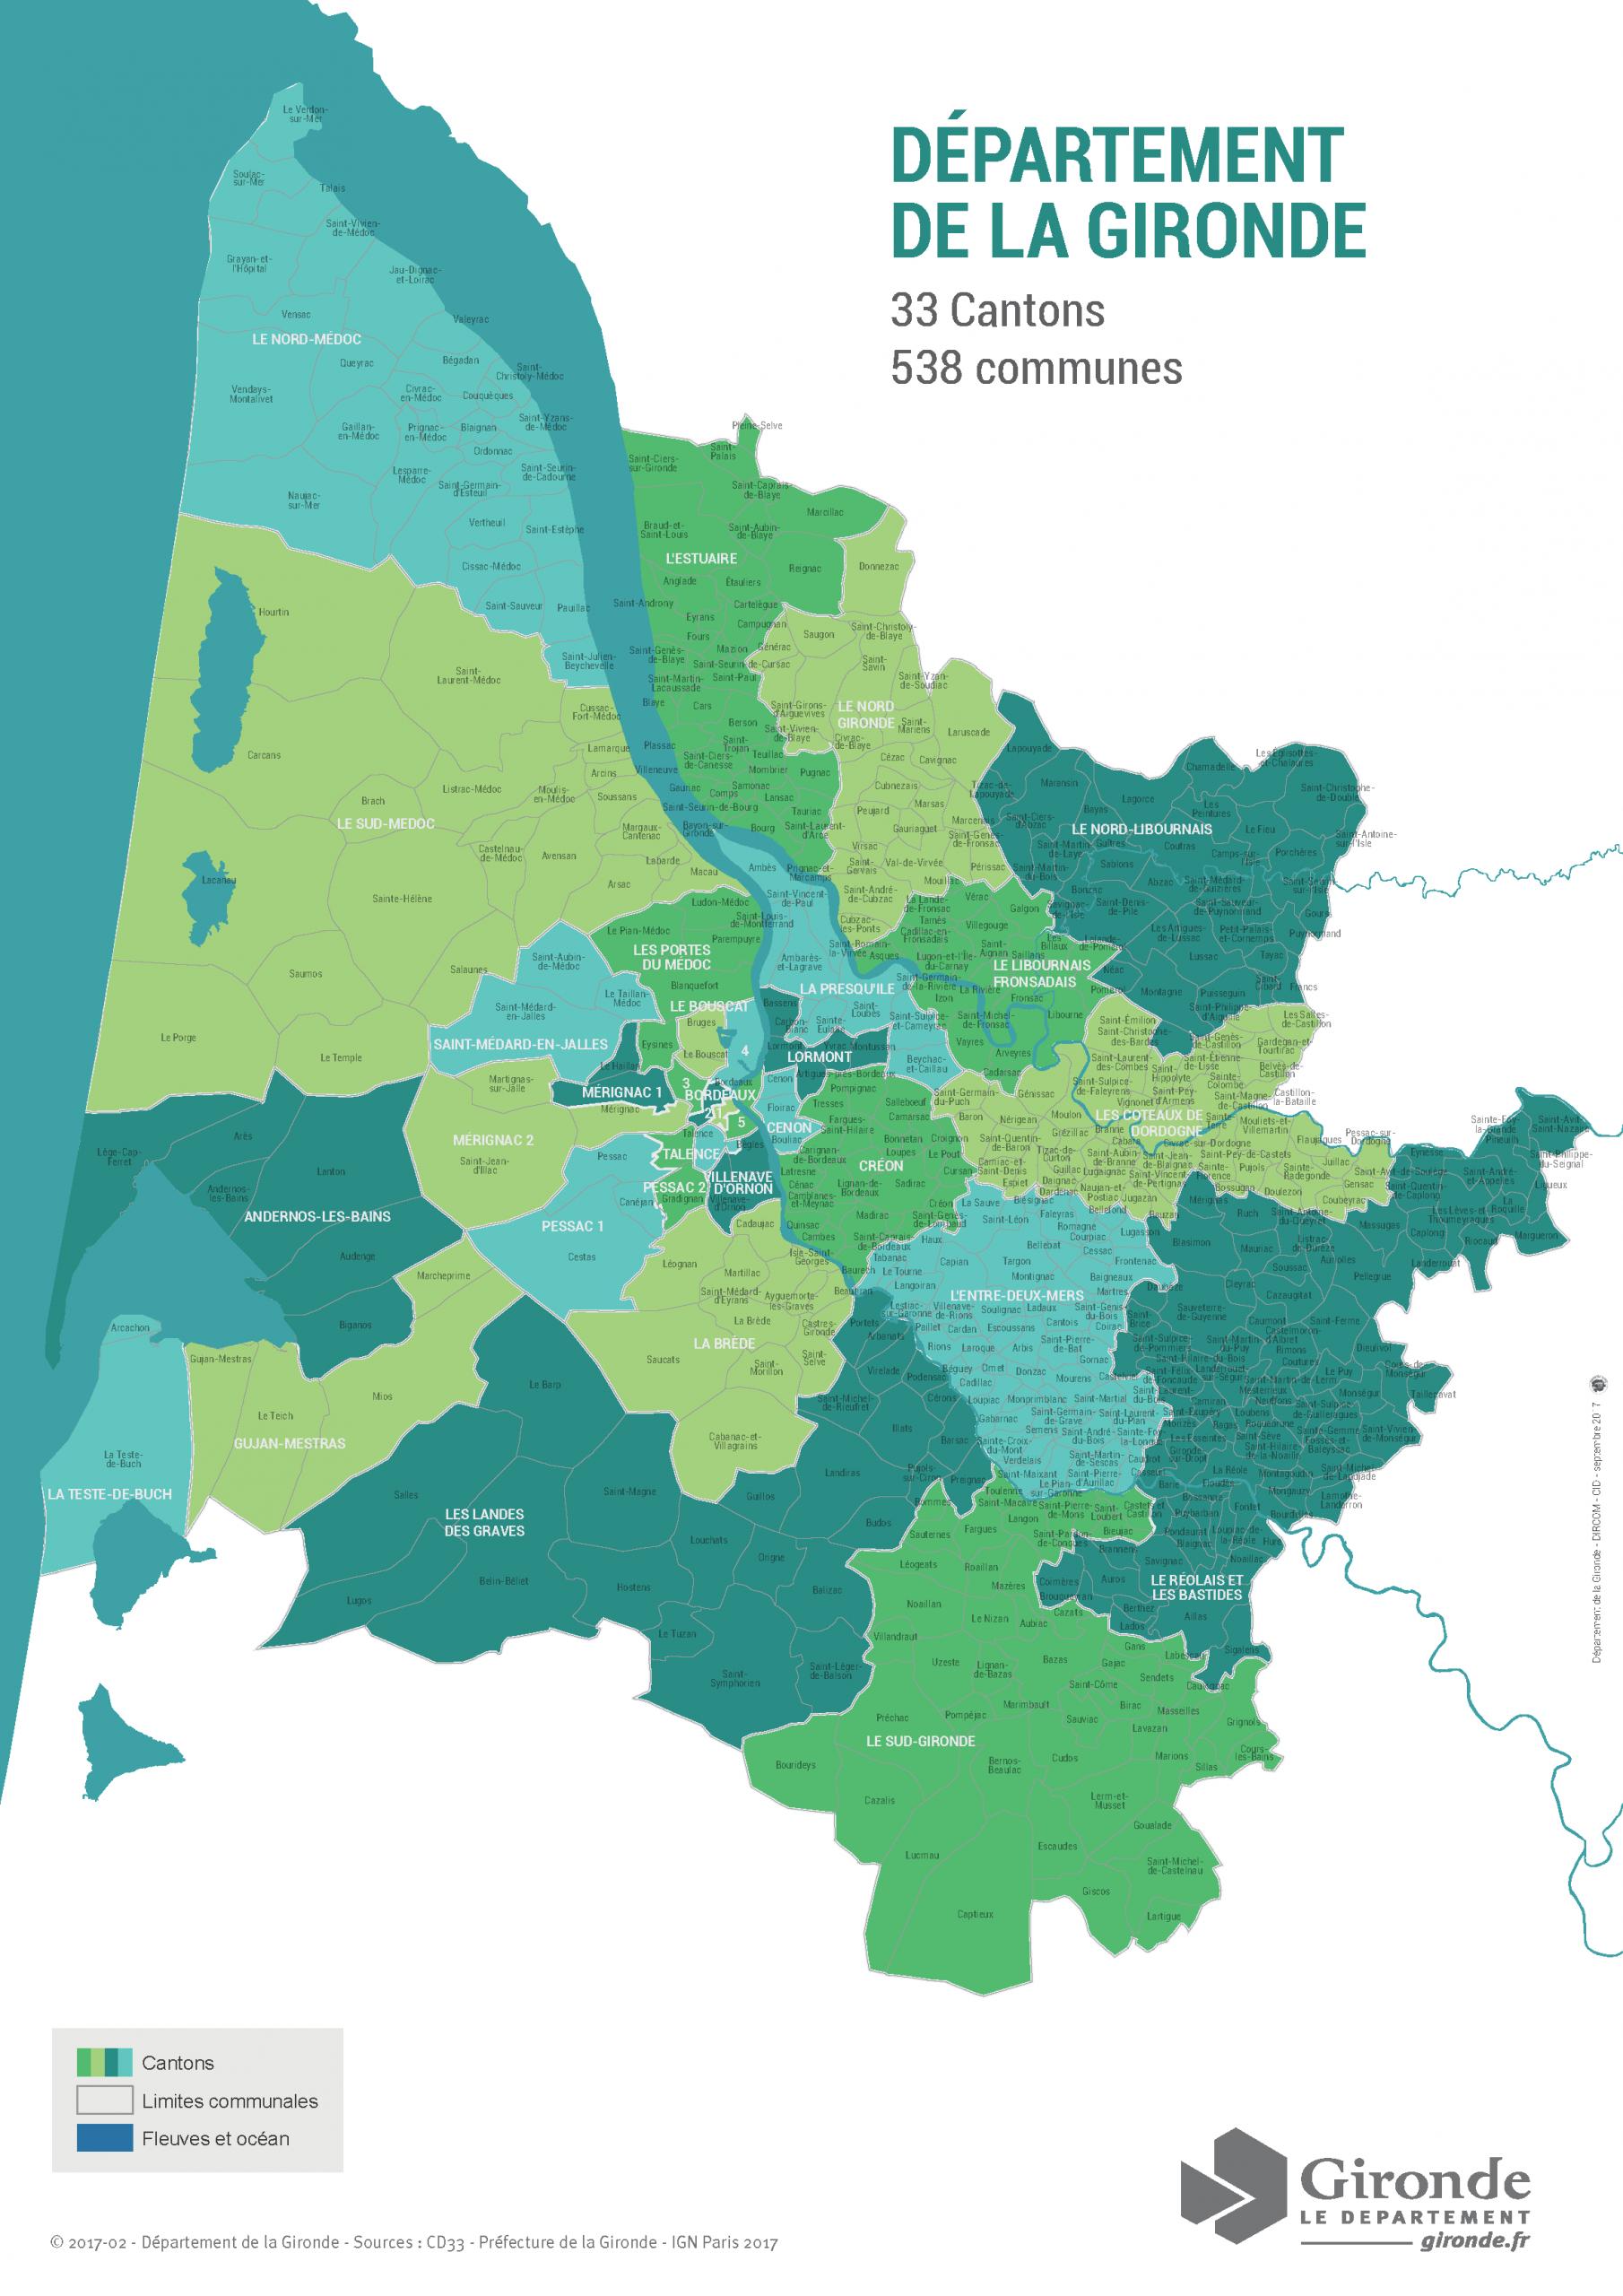 Le Département De La Gironde Lance Les Premiers Contrats De concernant Carte Des Départements Et Villes